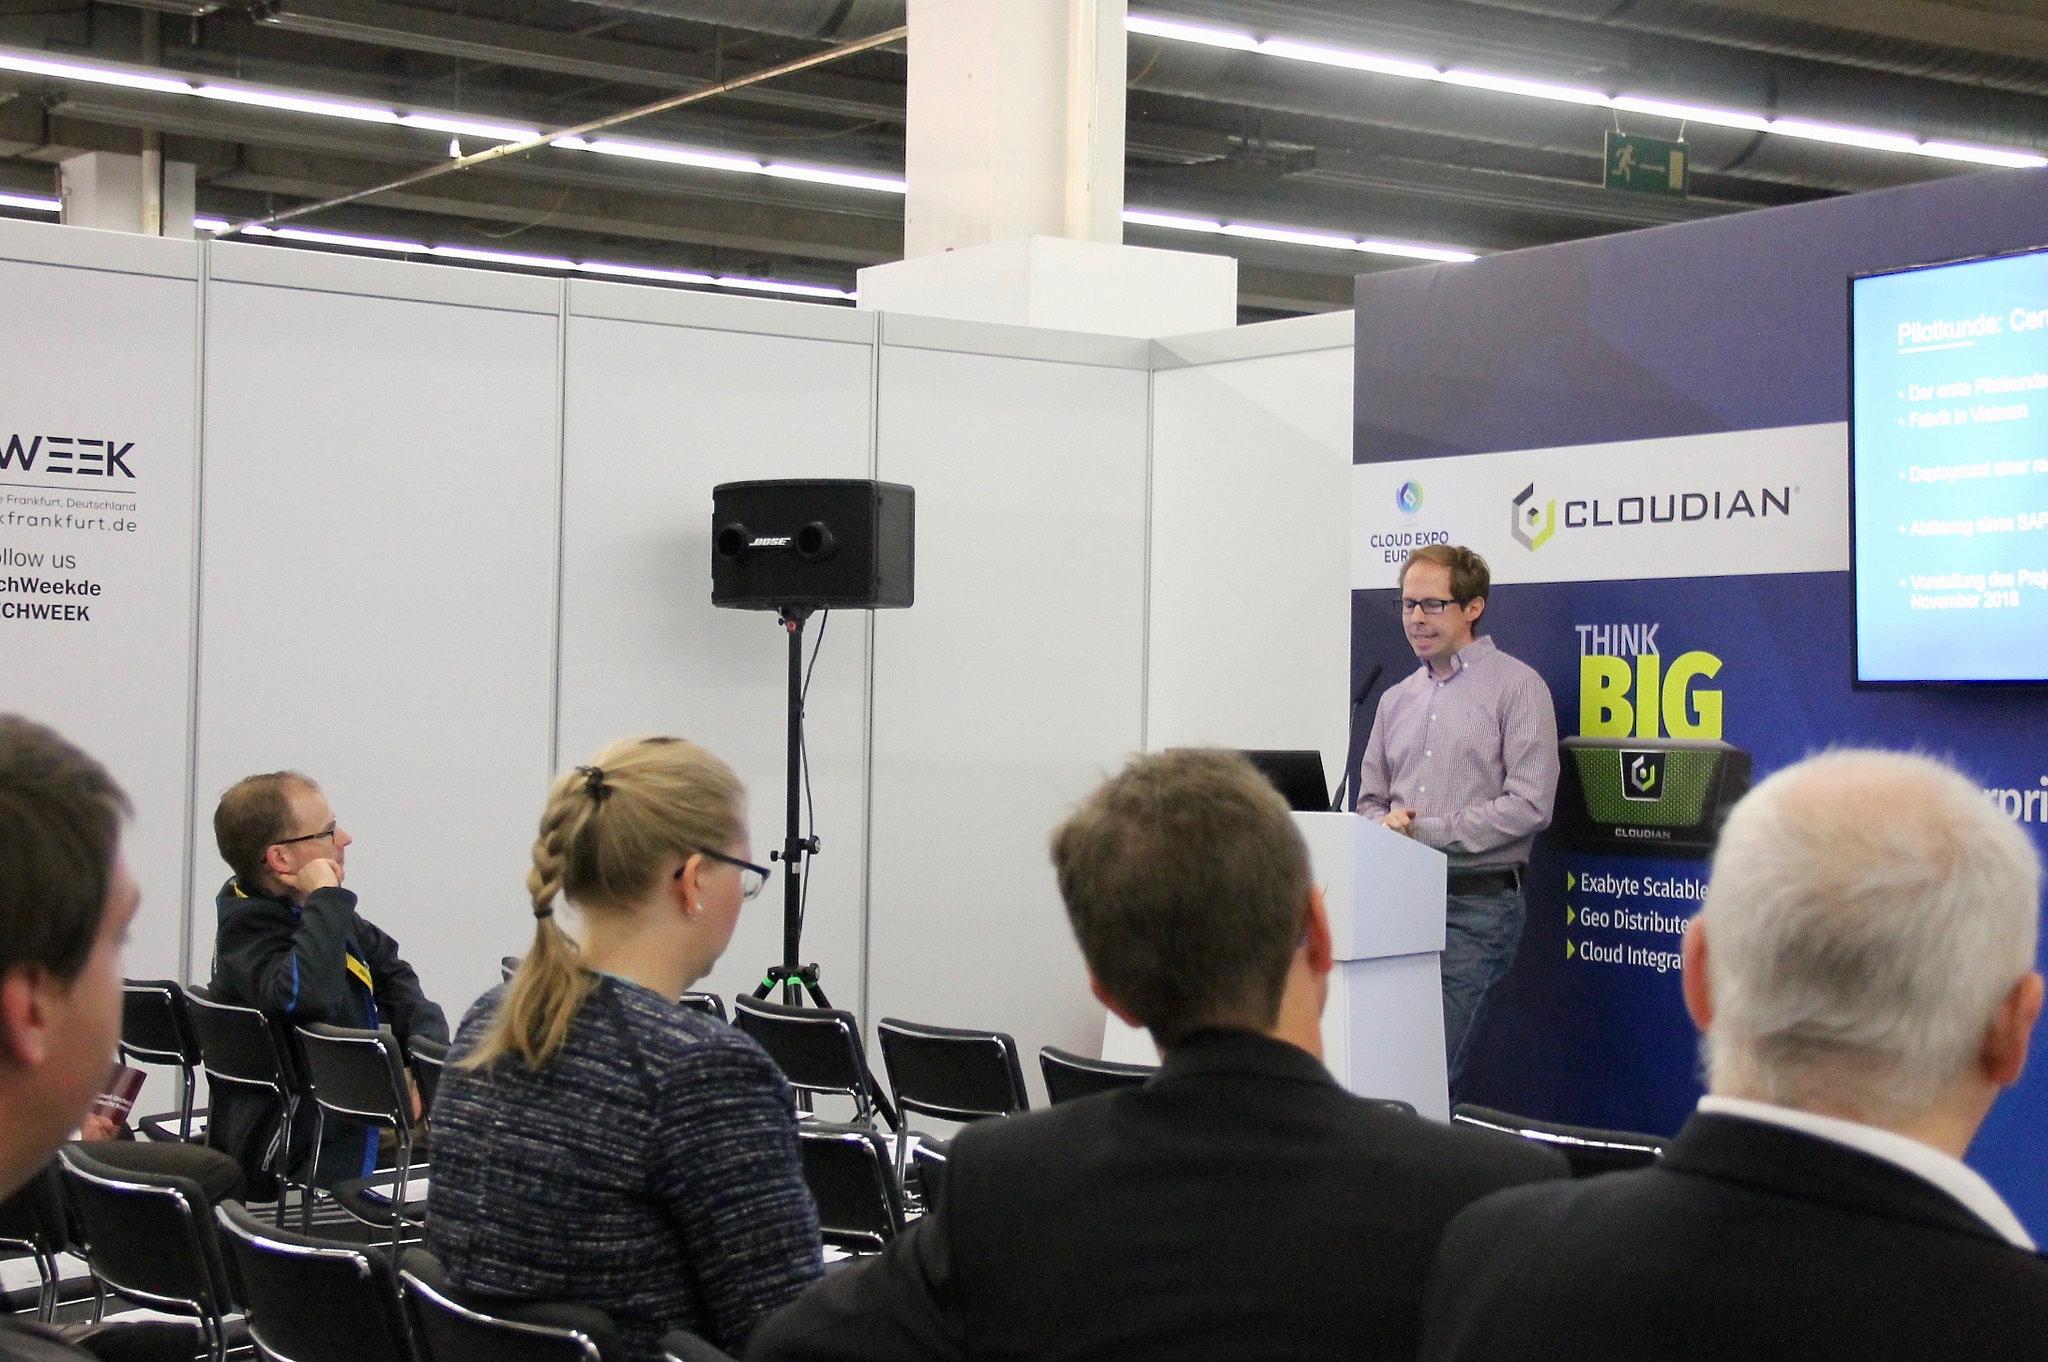 Nachbericht zur Techweek Frankfurt 12